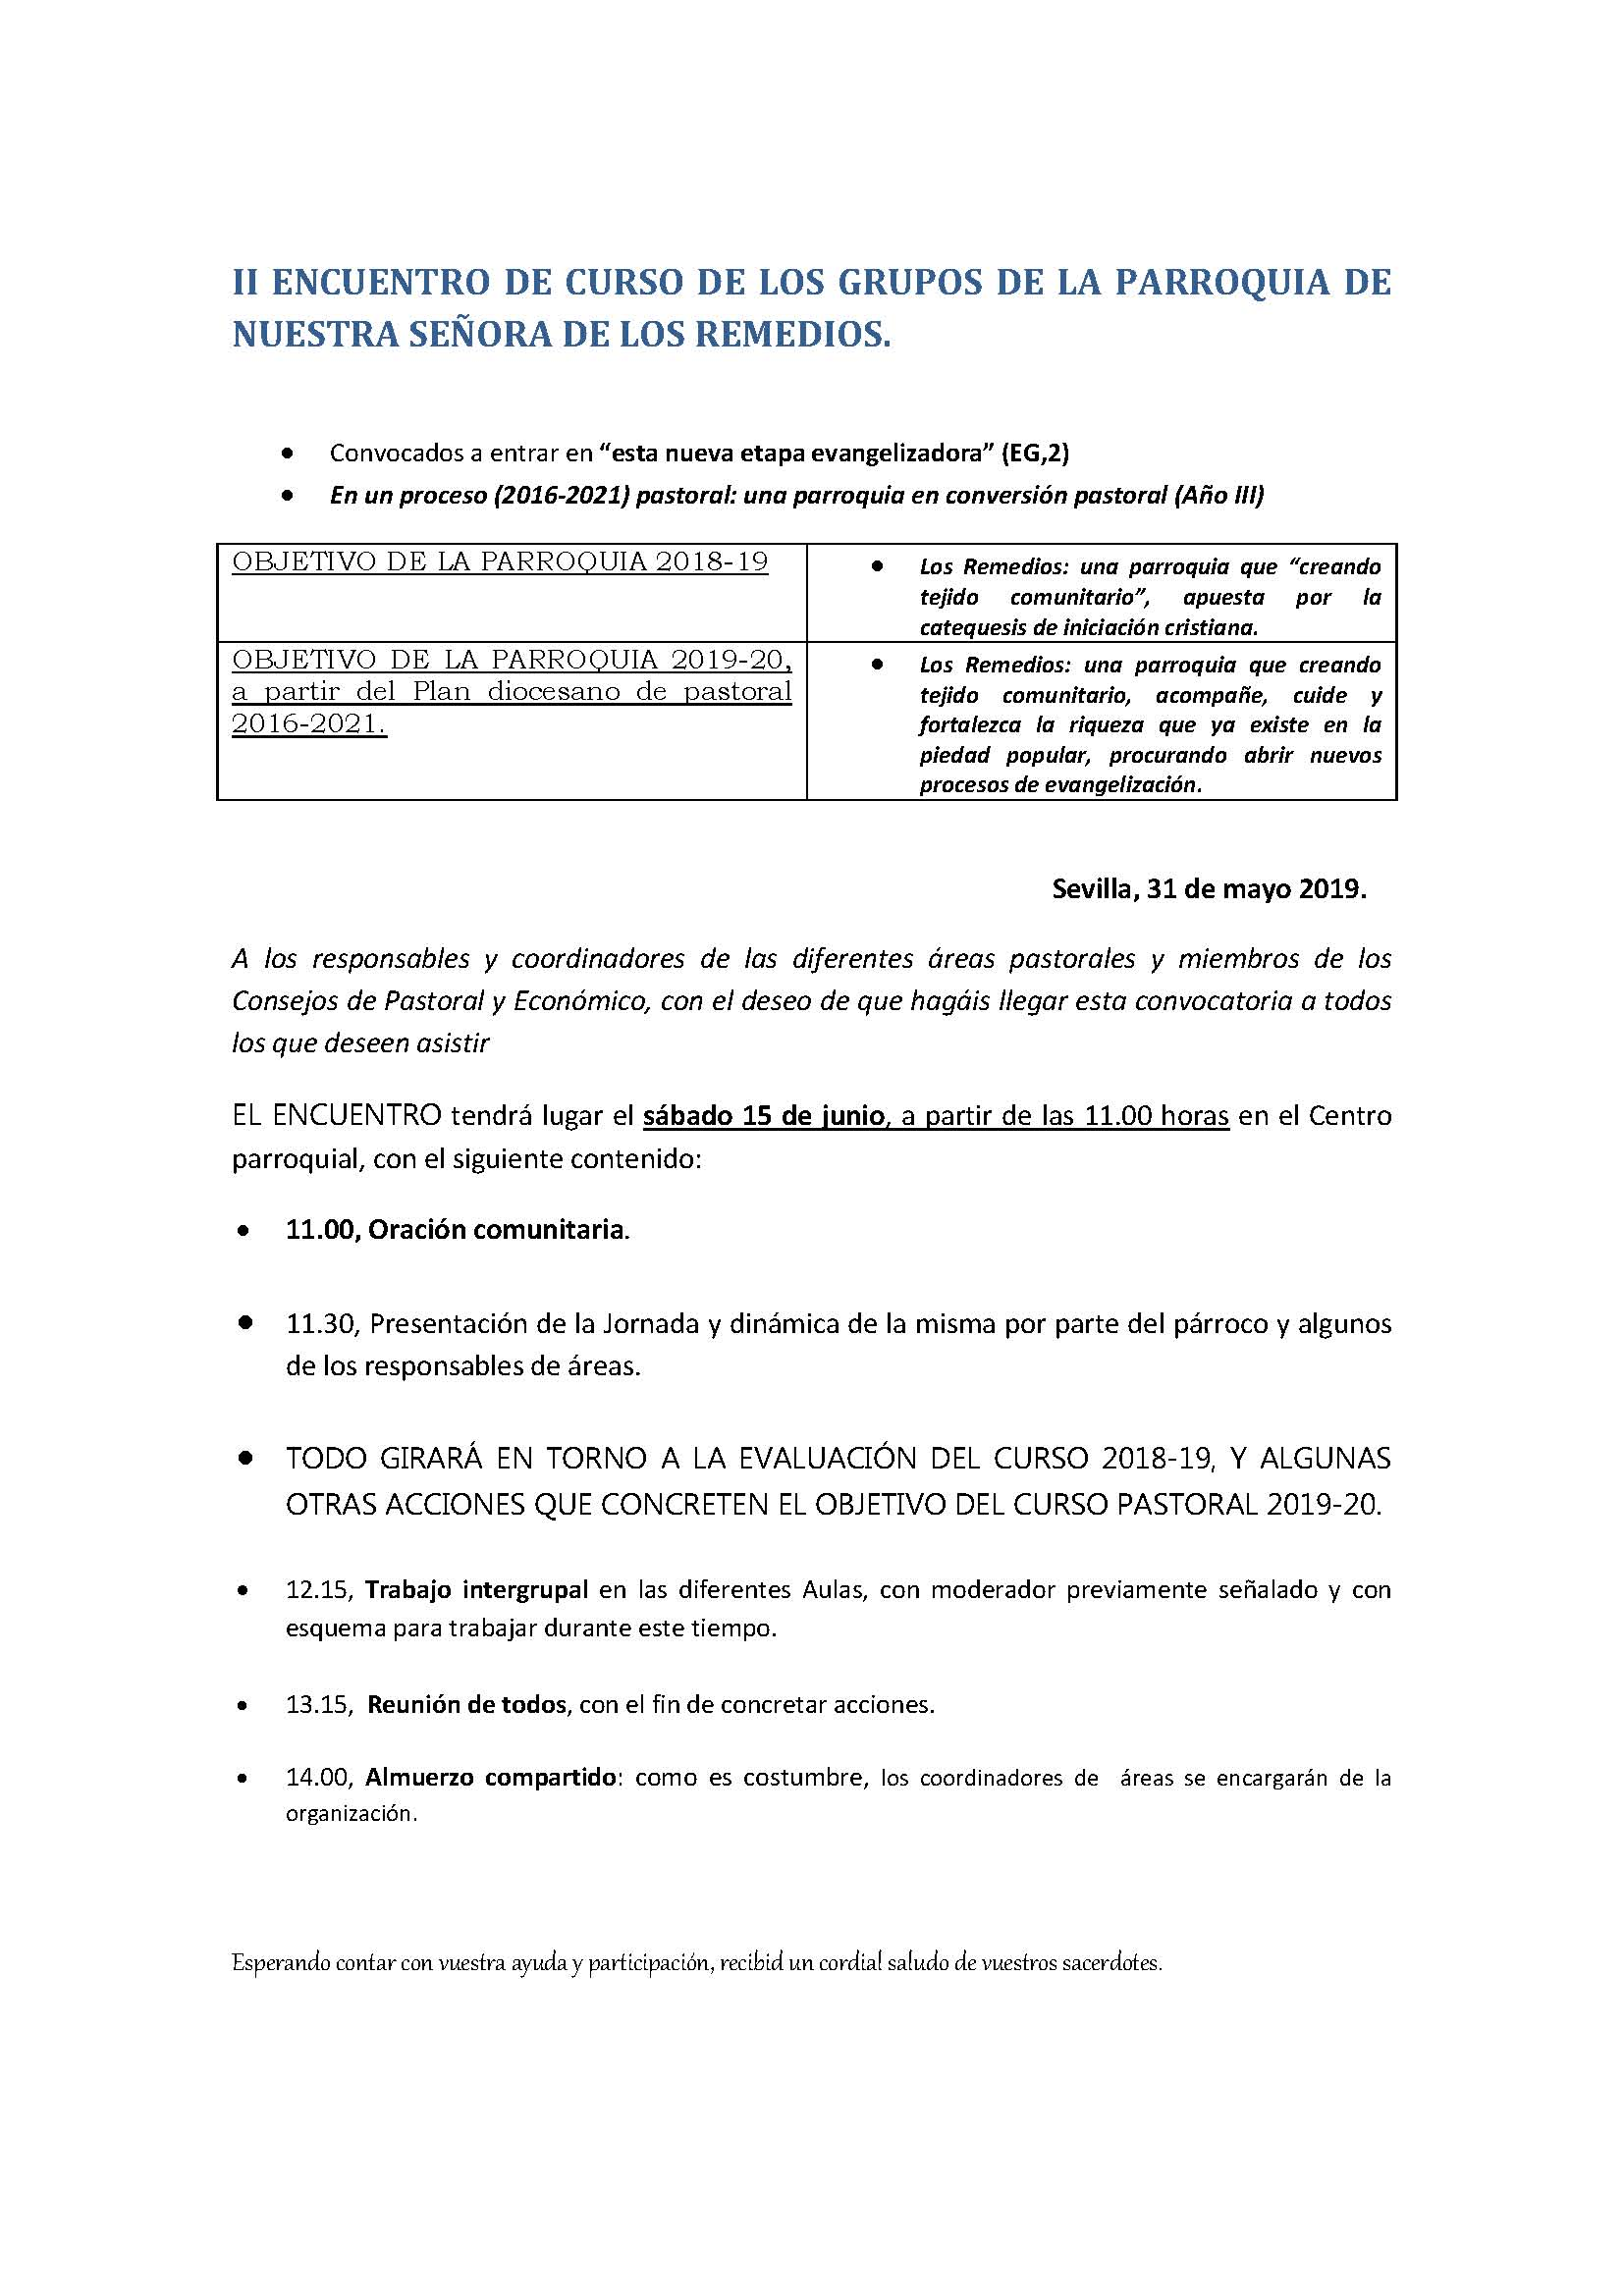 ENCUENTRO DE LOS GRUPOS DE LA PARROQUIA DE NUESTRA SEÑORA DE LOS REMEDIOS